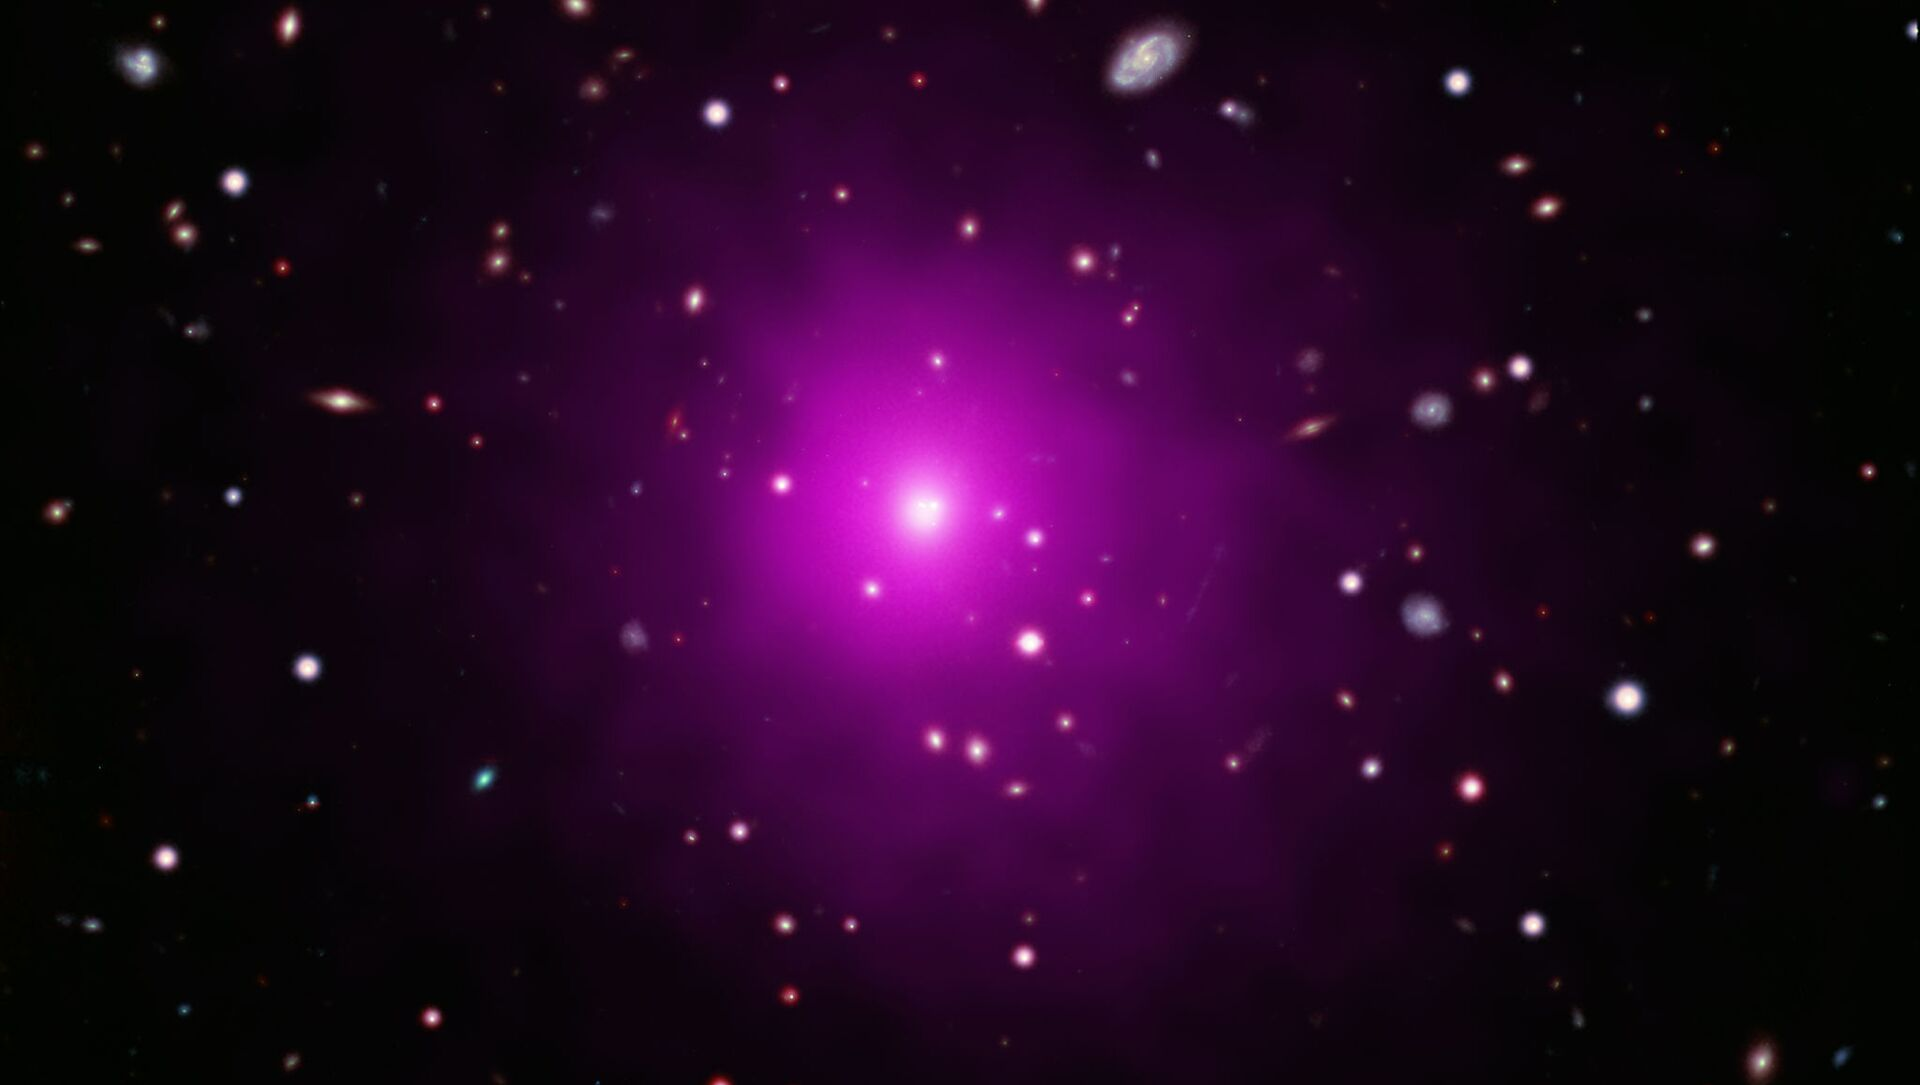 La agrupación galáctica Abell 2261 - Sputnik Mundo, 1920, 19.12.2020